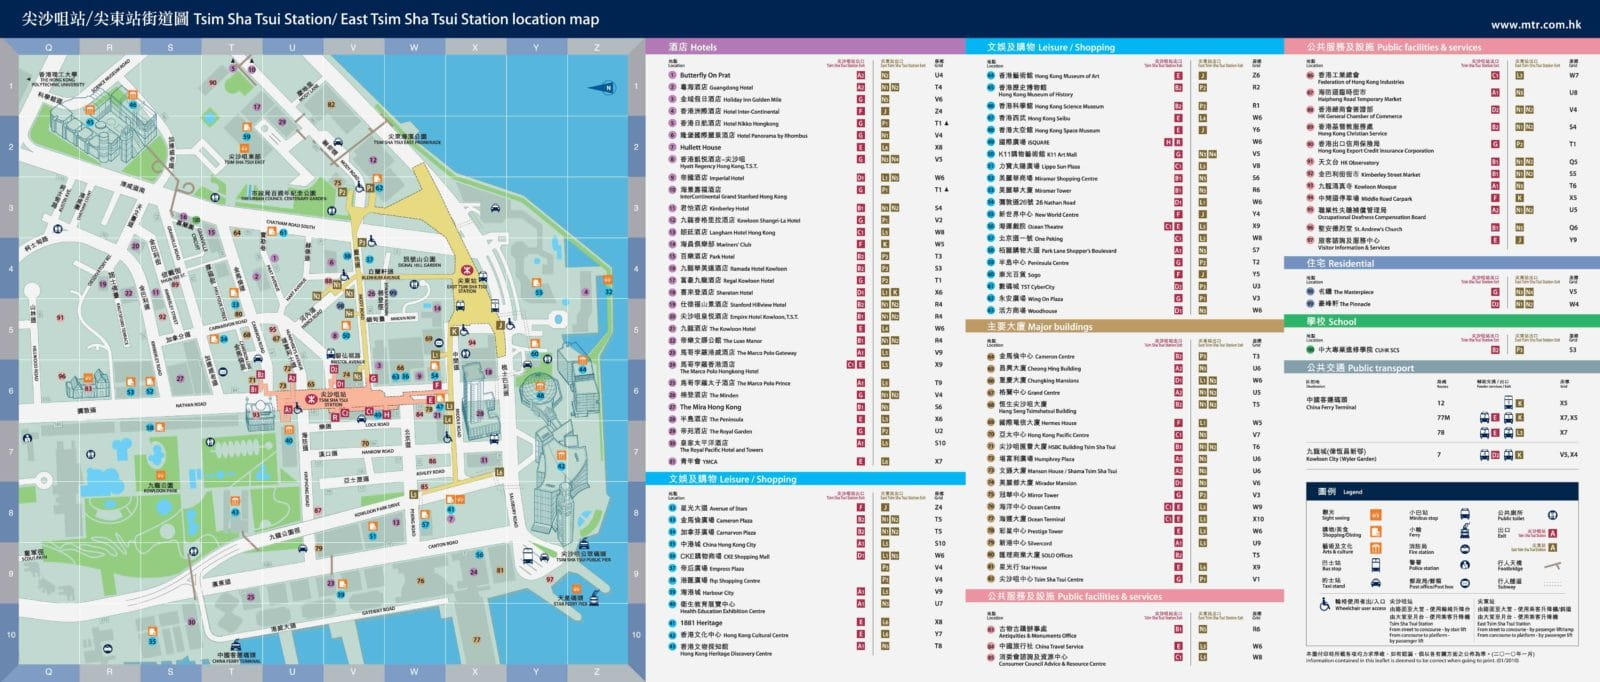 Kowloon: Tsim Sha Tsui MTR station area map 2012-2013